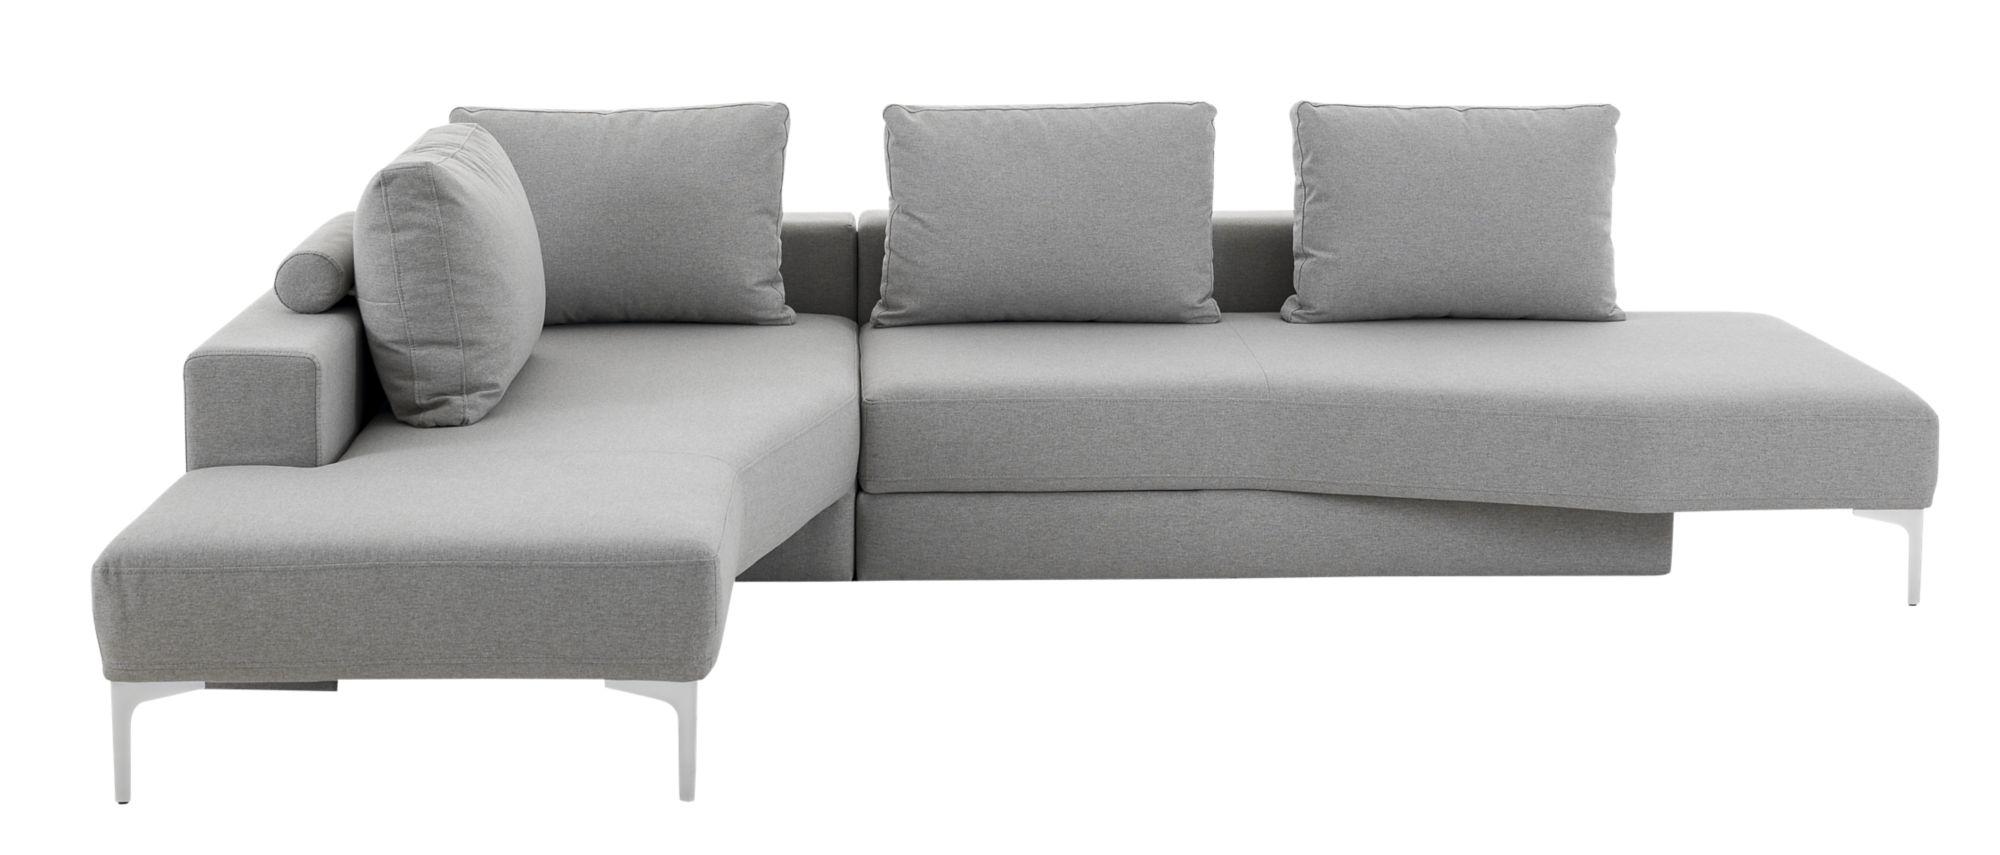 Beautiful Canapé Convertible Design